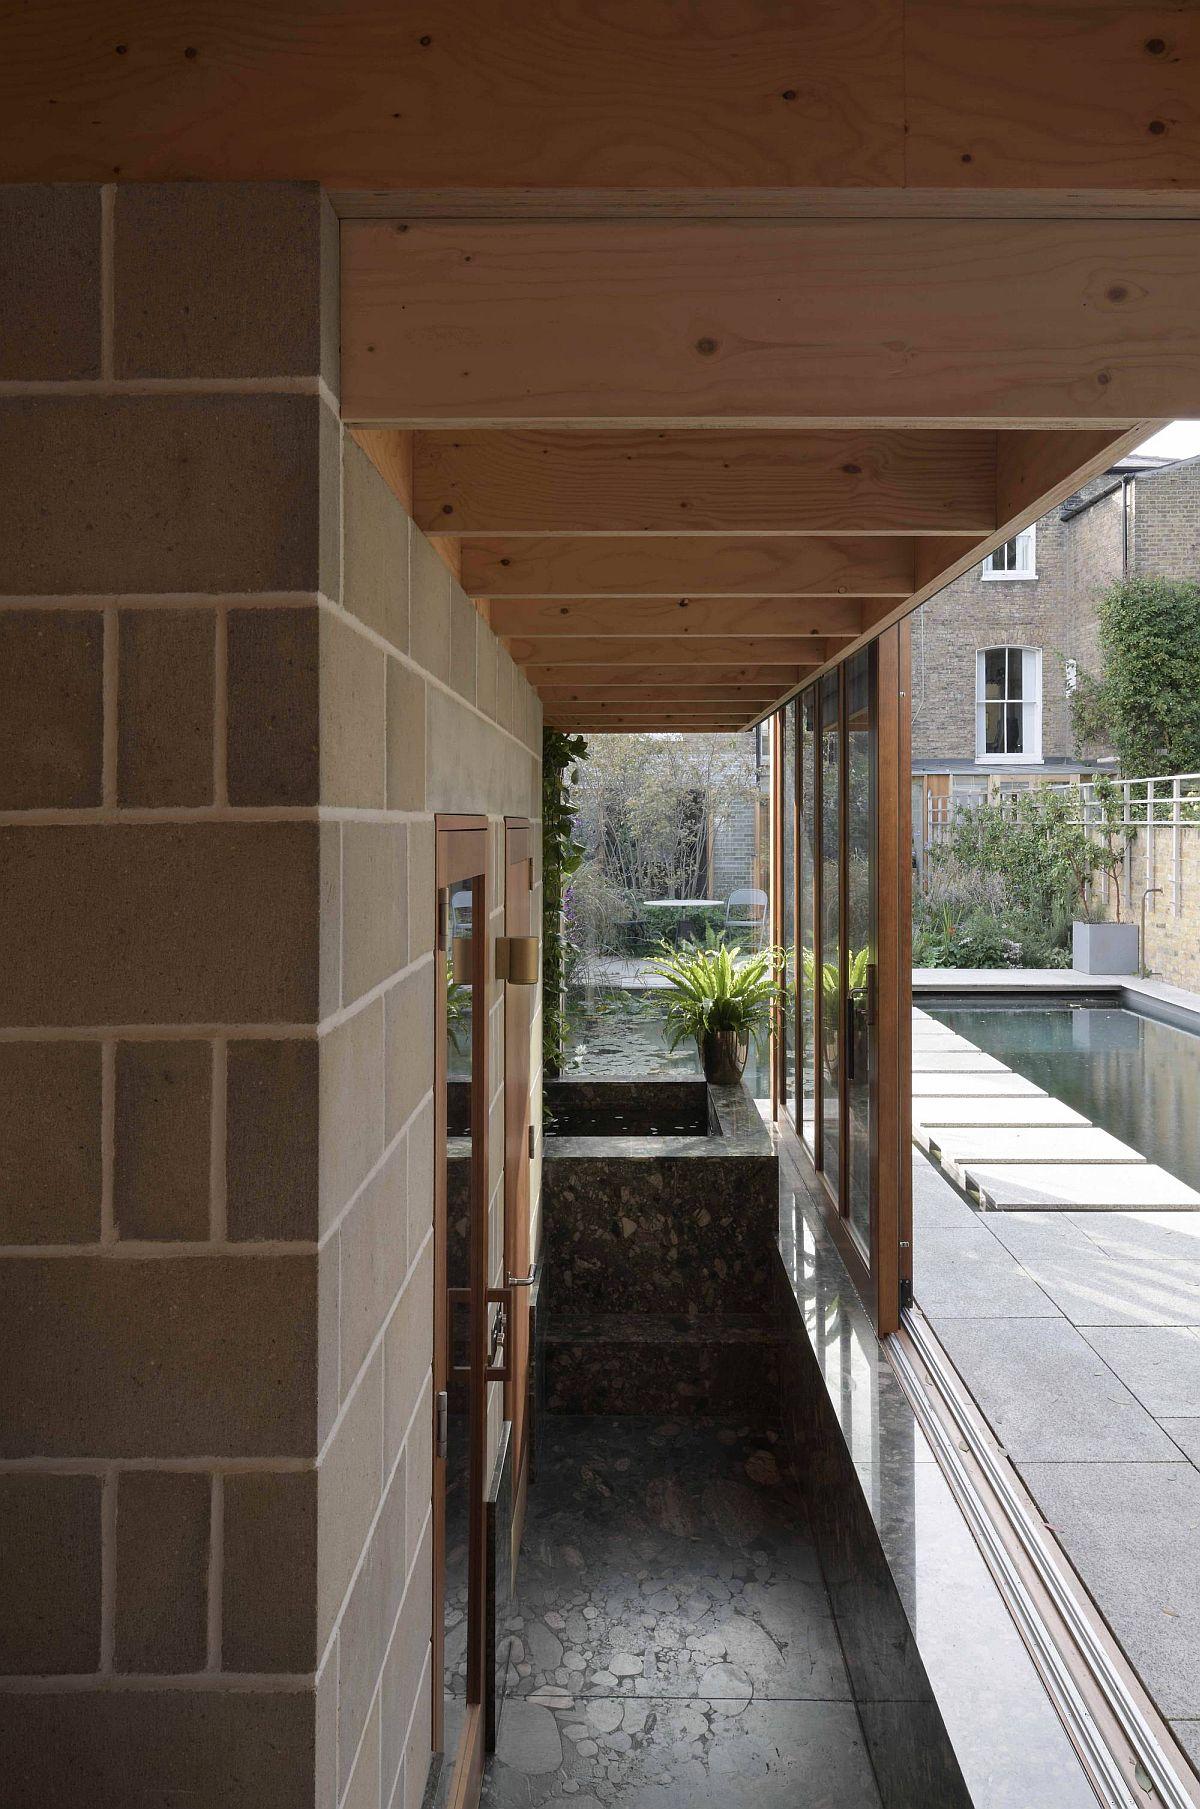 Le salon de jardin de la maison londonienne peut être utilisé de plusieurs façons